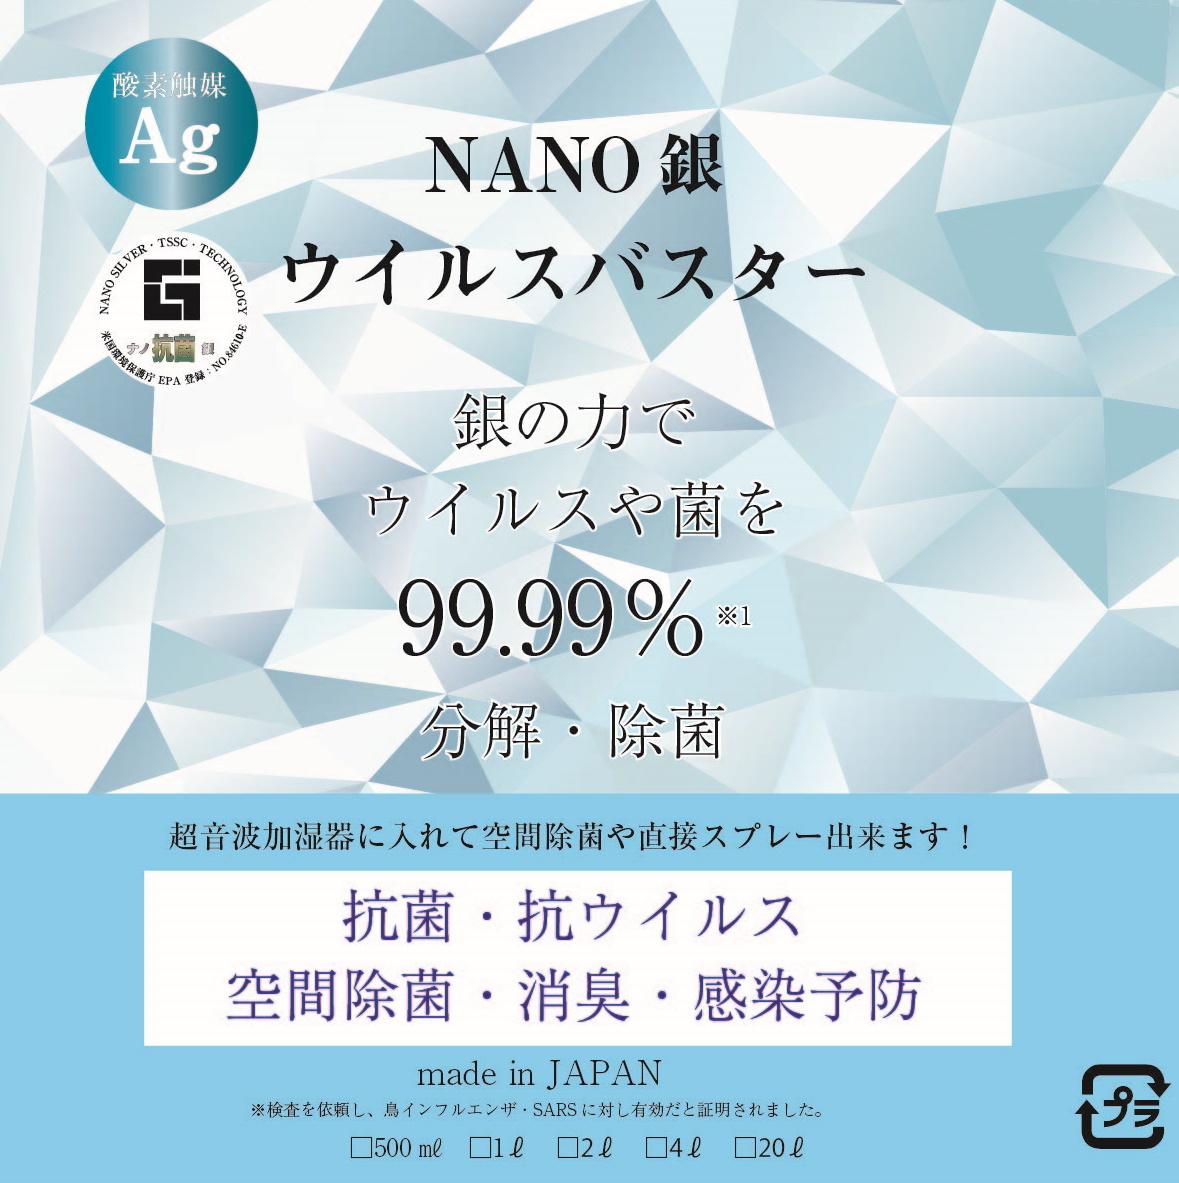 nano銀ウイルスバスターは セール商品 塩素系 贈物 アルコール除菌剤に比べて高い除菌 抗ウイルス力がありながら 低刺激で人に優しい理想的な除菌剤です 25ppm マスクや超音波加湿器にも使える nano銀ウイルスバスター 20L